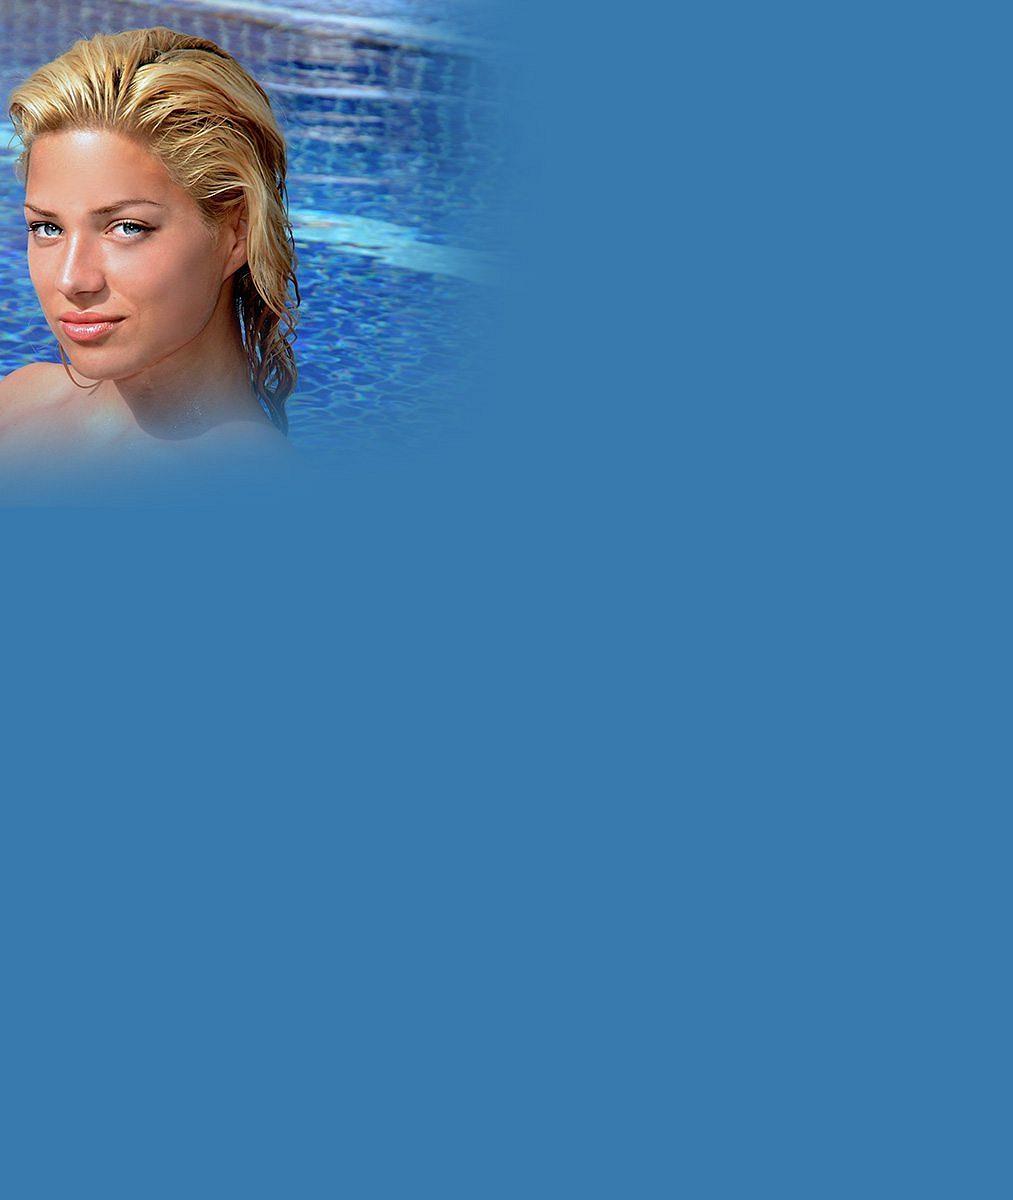 Bude z ní nová Brigitte Bardot? S kožichem za krásnou moderátorkou nechoďte